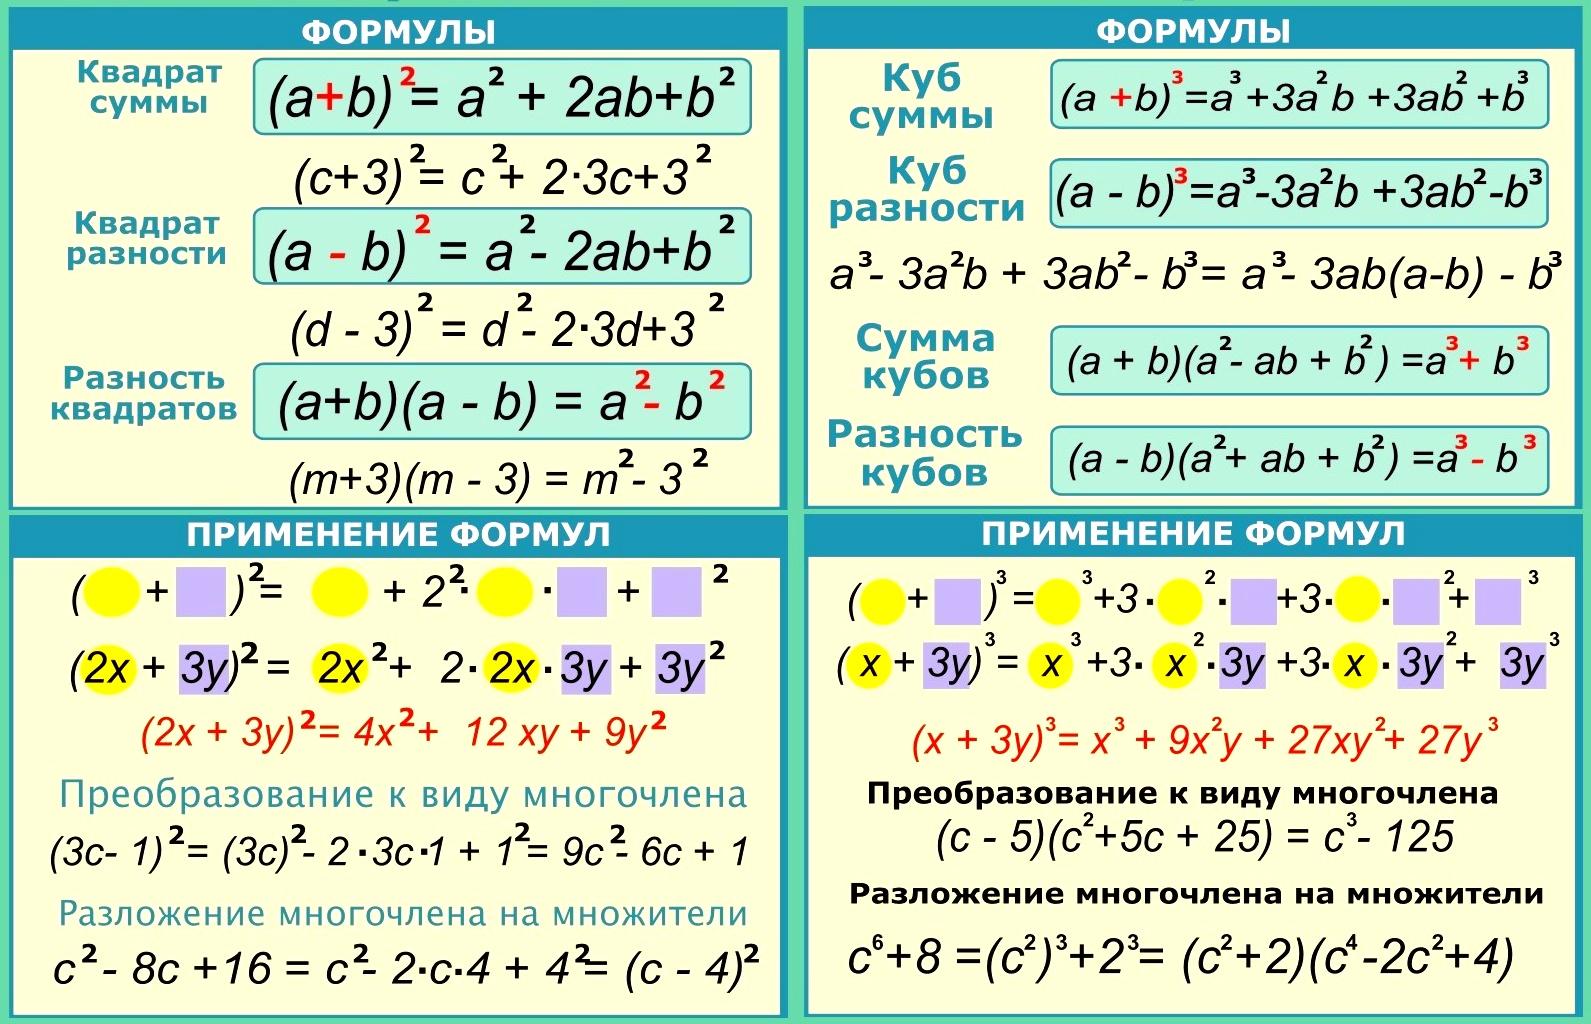 Применение формул сокращенного умножения. Крупно, наглядно, таблица, схема